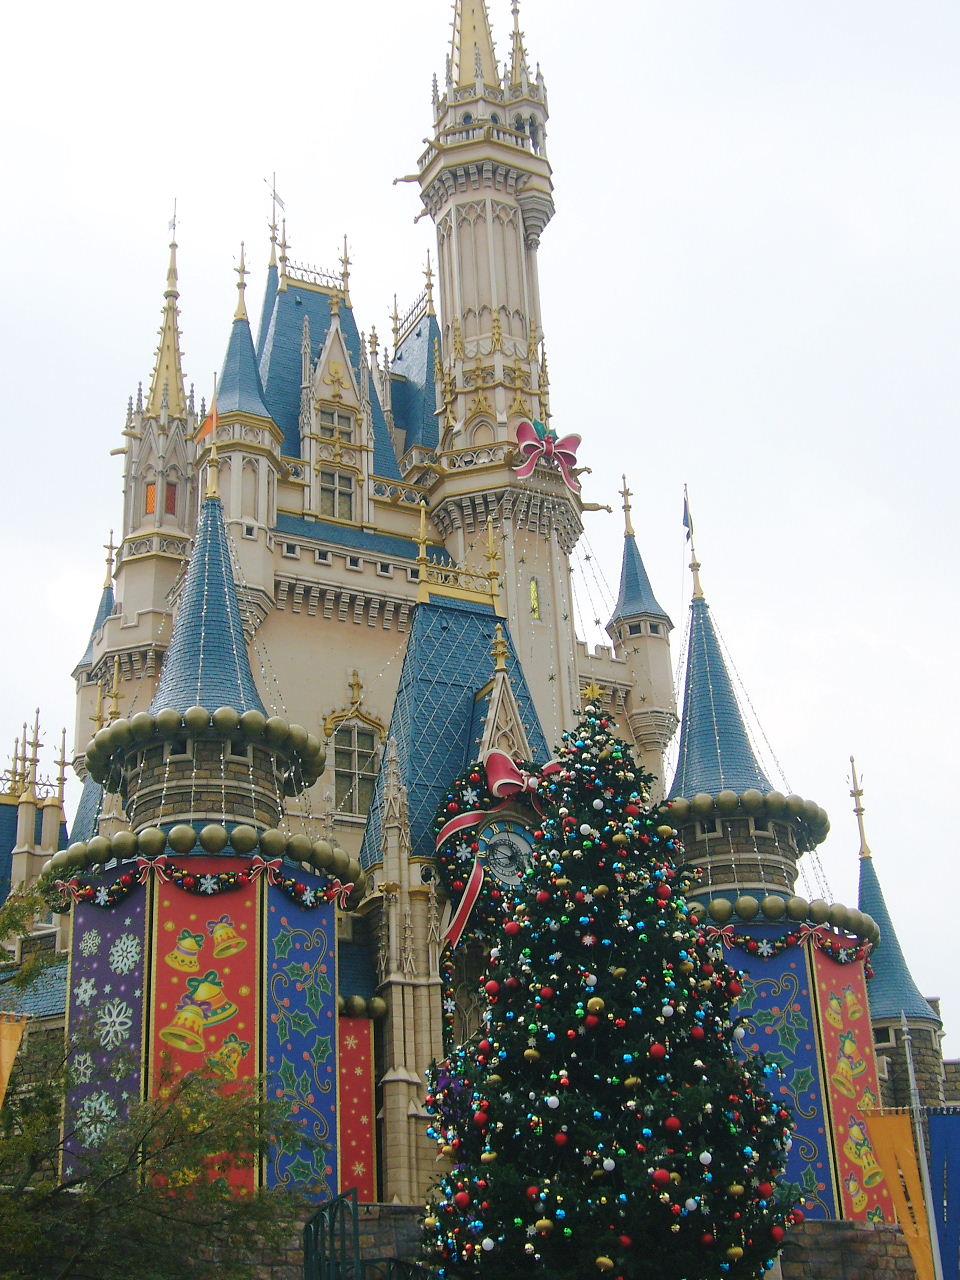 ディズニーランドのクリスマス画像アップ♪ | natural closet - 楽天ブログ